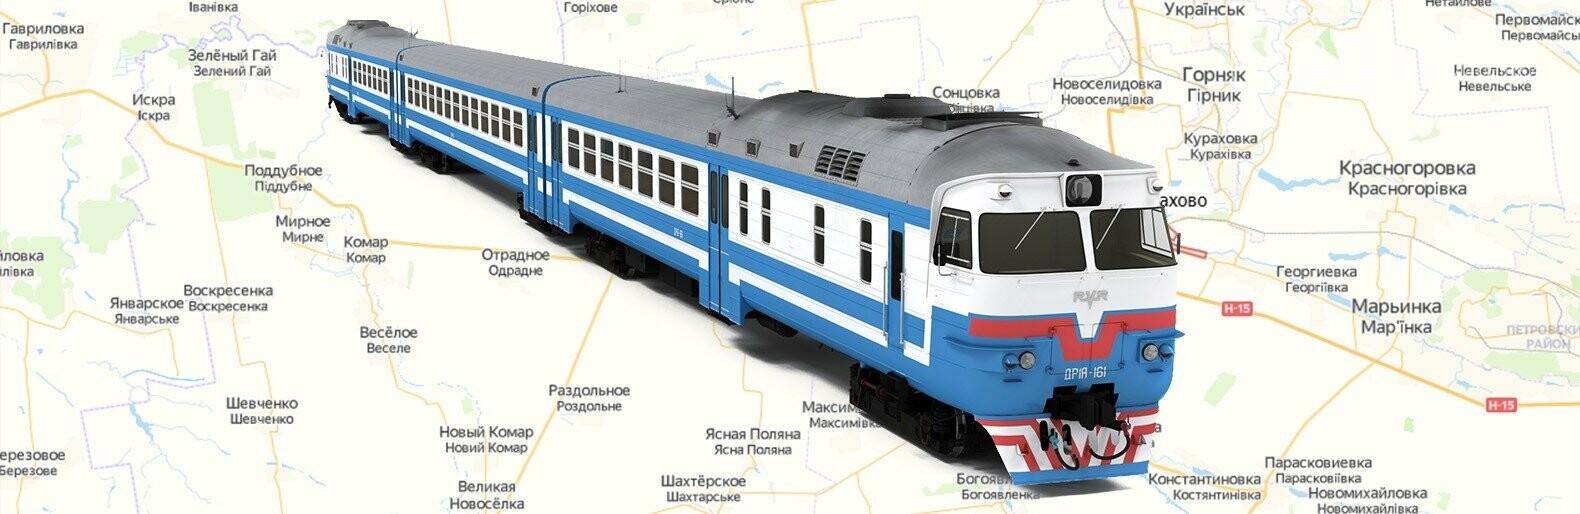 Поезда с Покровска, Волновахи, Константиновки